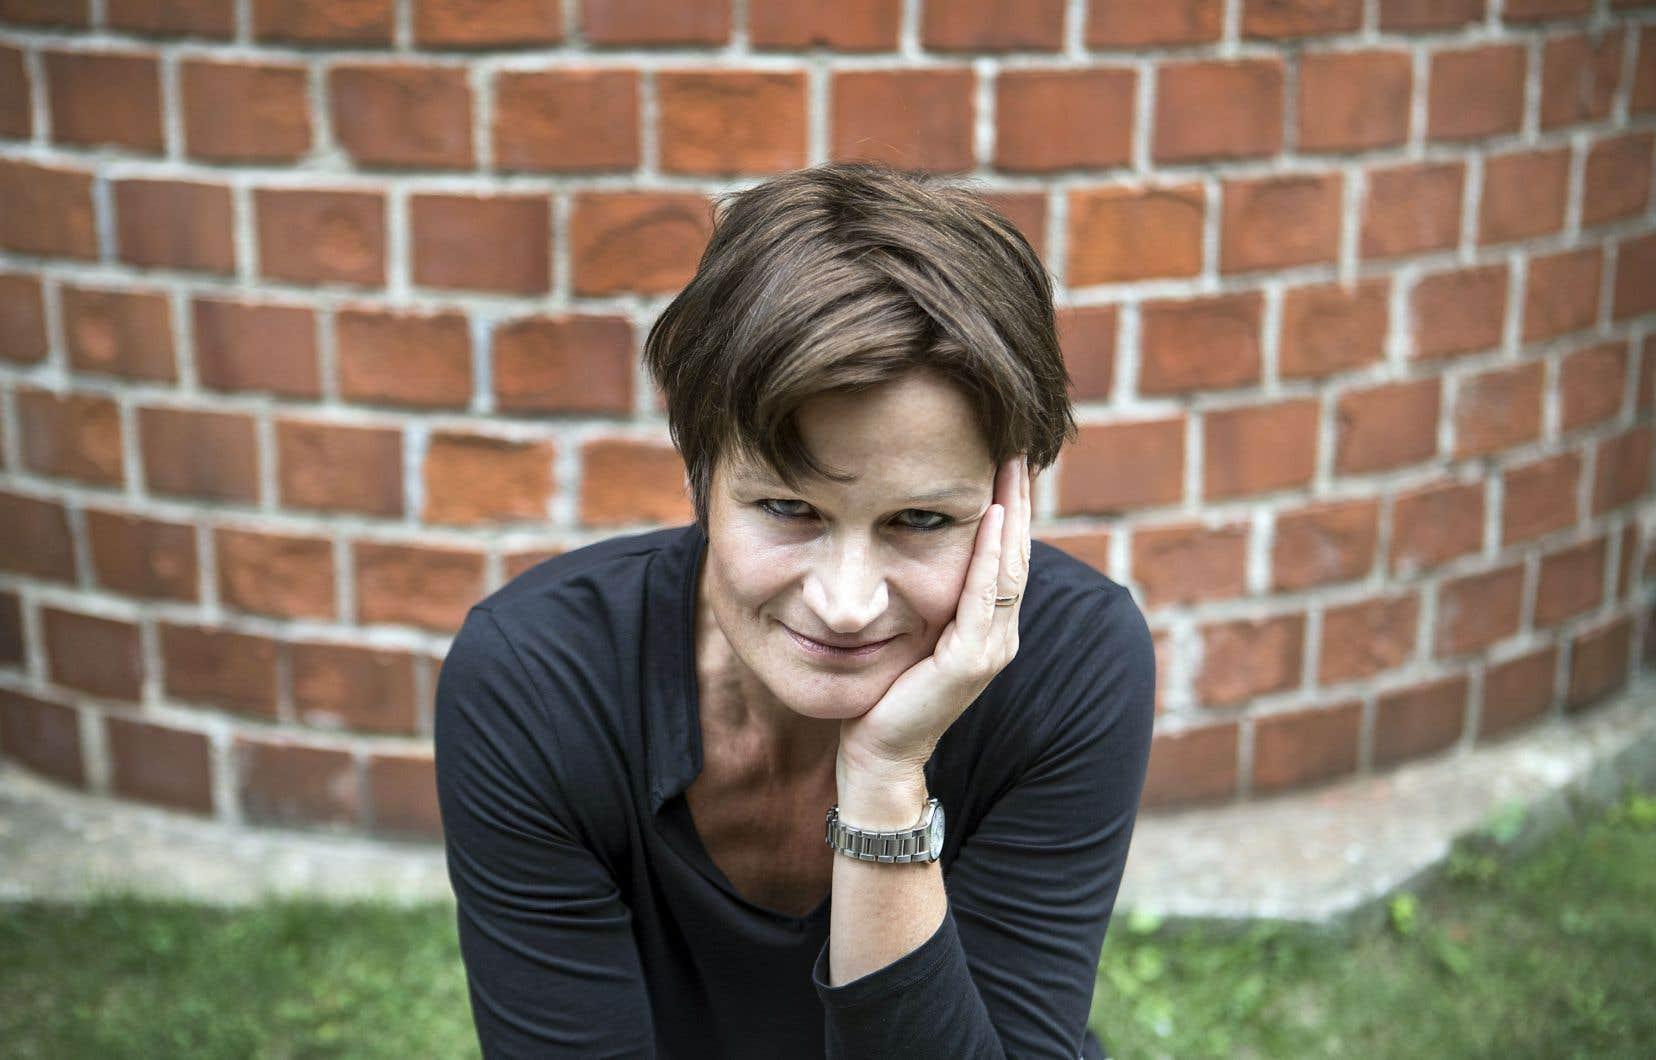 Angela Konrad adapte une critique de la société de consommation pour une distribution majoritairement féminine.